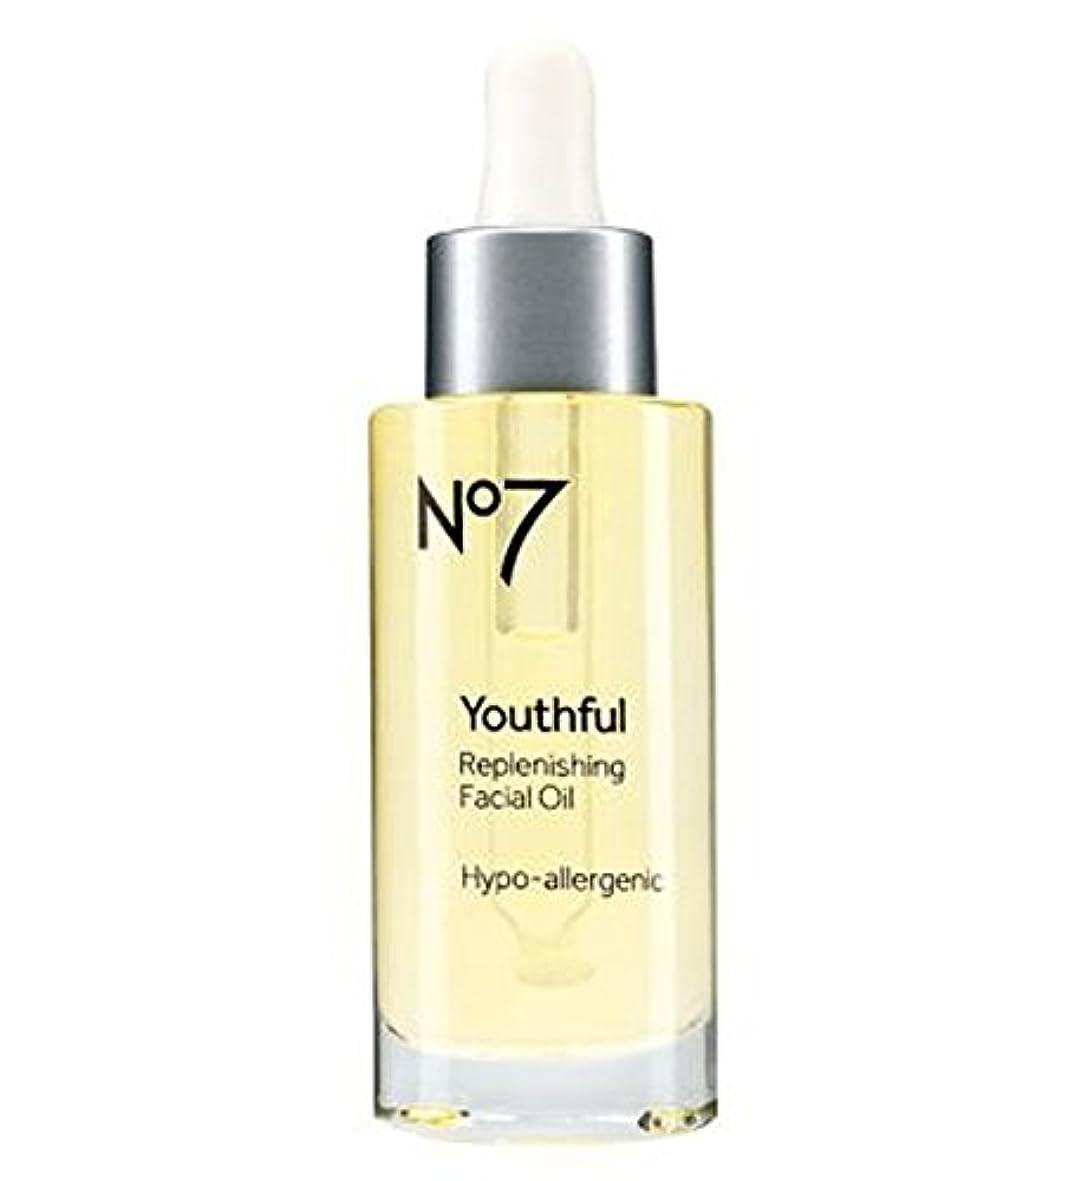 優しさ廊下正確にNo7若々しい補給フェイシャルオイル30ミリリットル (No7) (x2) - No7 Youthful Replenishing Facial Oil 30ml (Pack of 2) [並行輸入品]